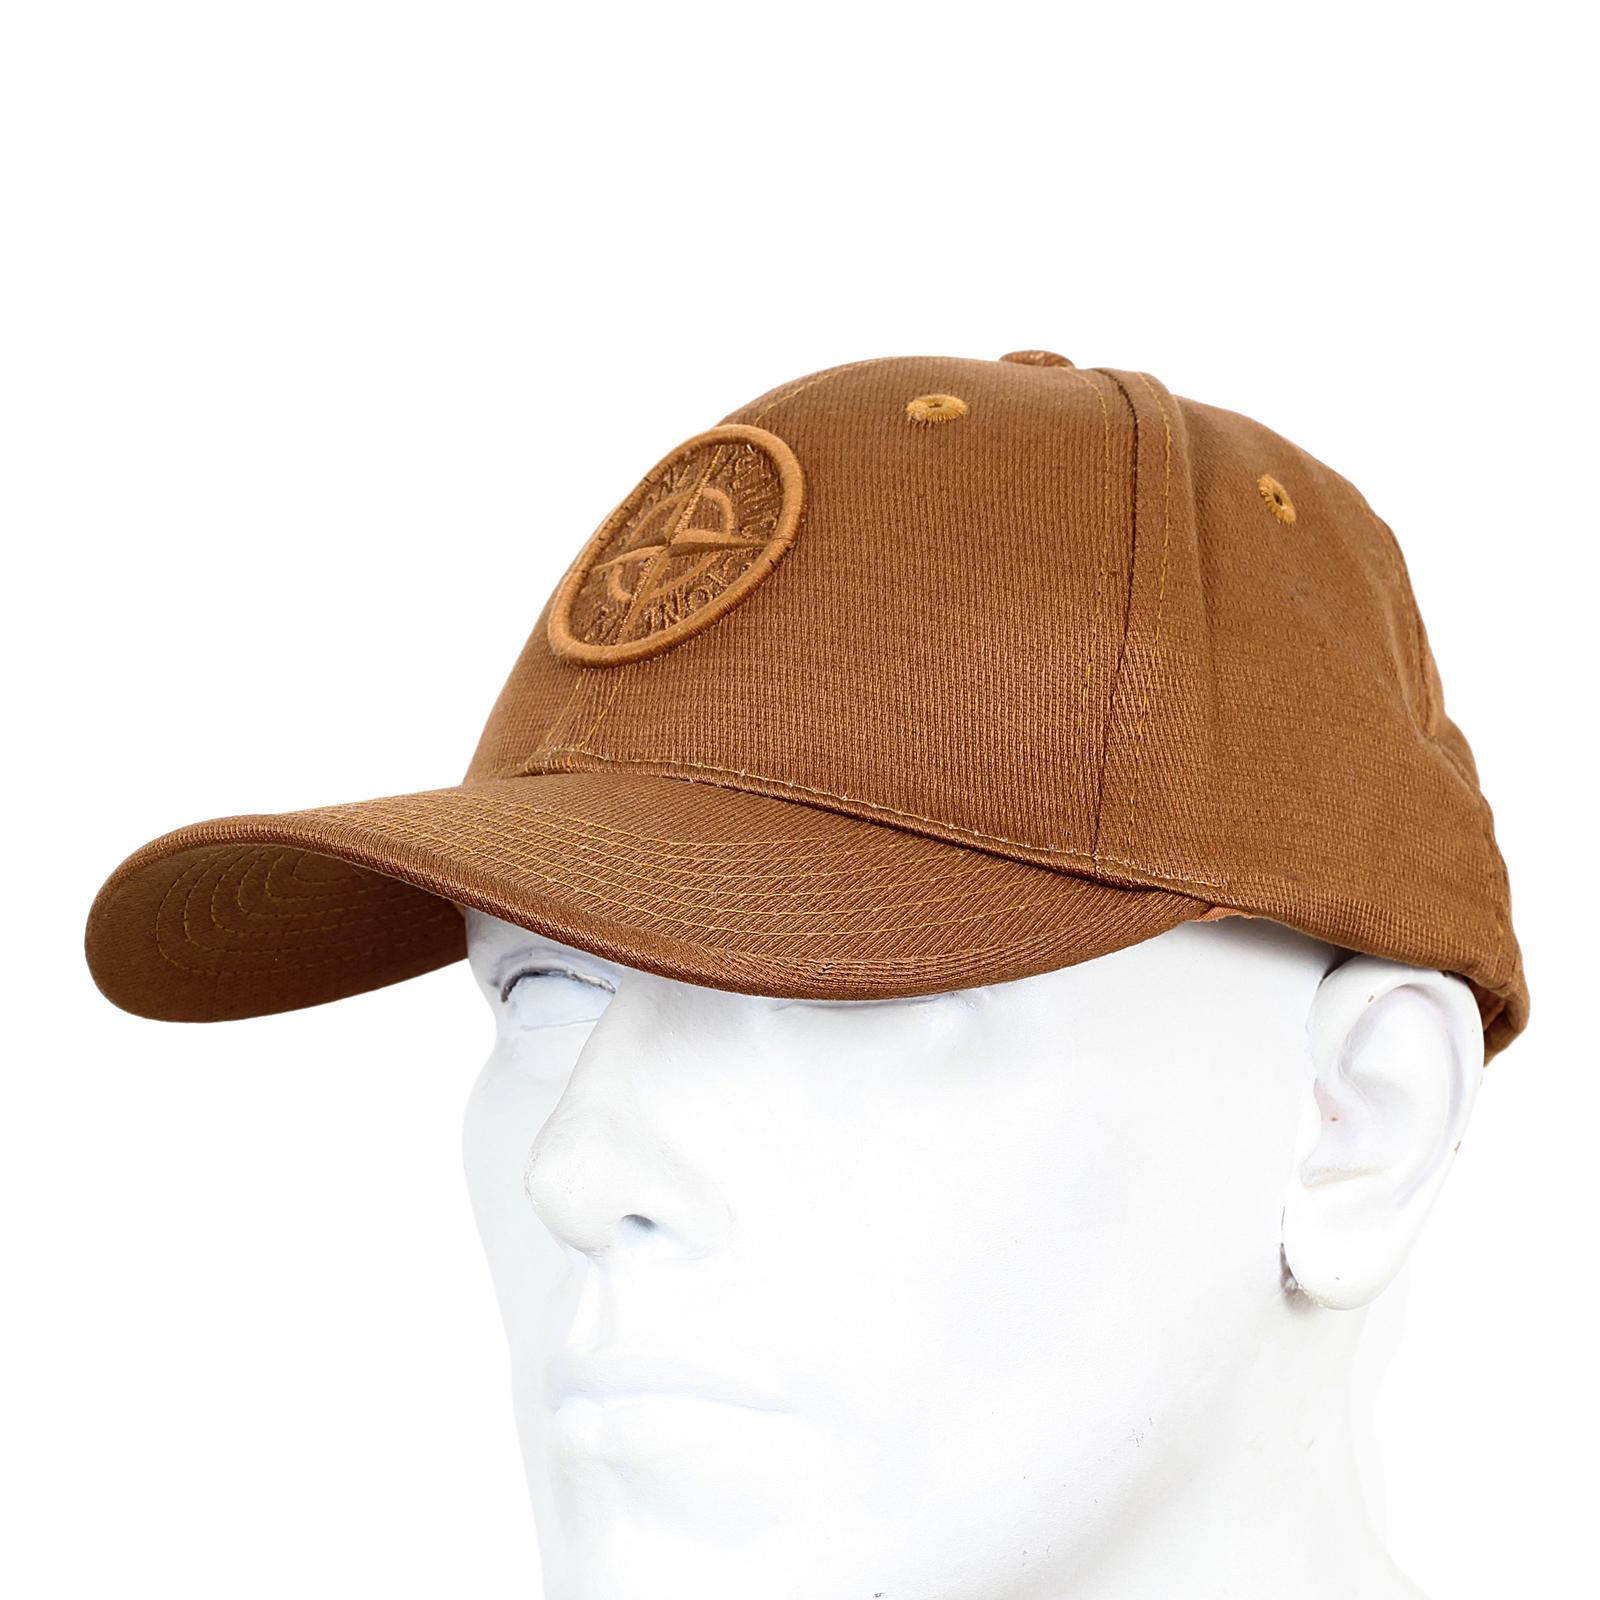 56068b28ac0 Stone Island mens tan cotton 611599194 baseball cap SI4079 at Togged  Clothing